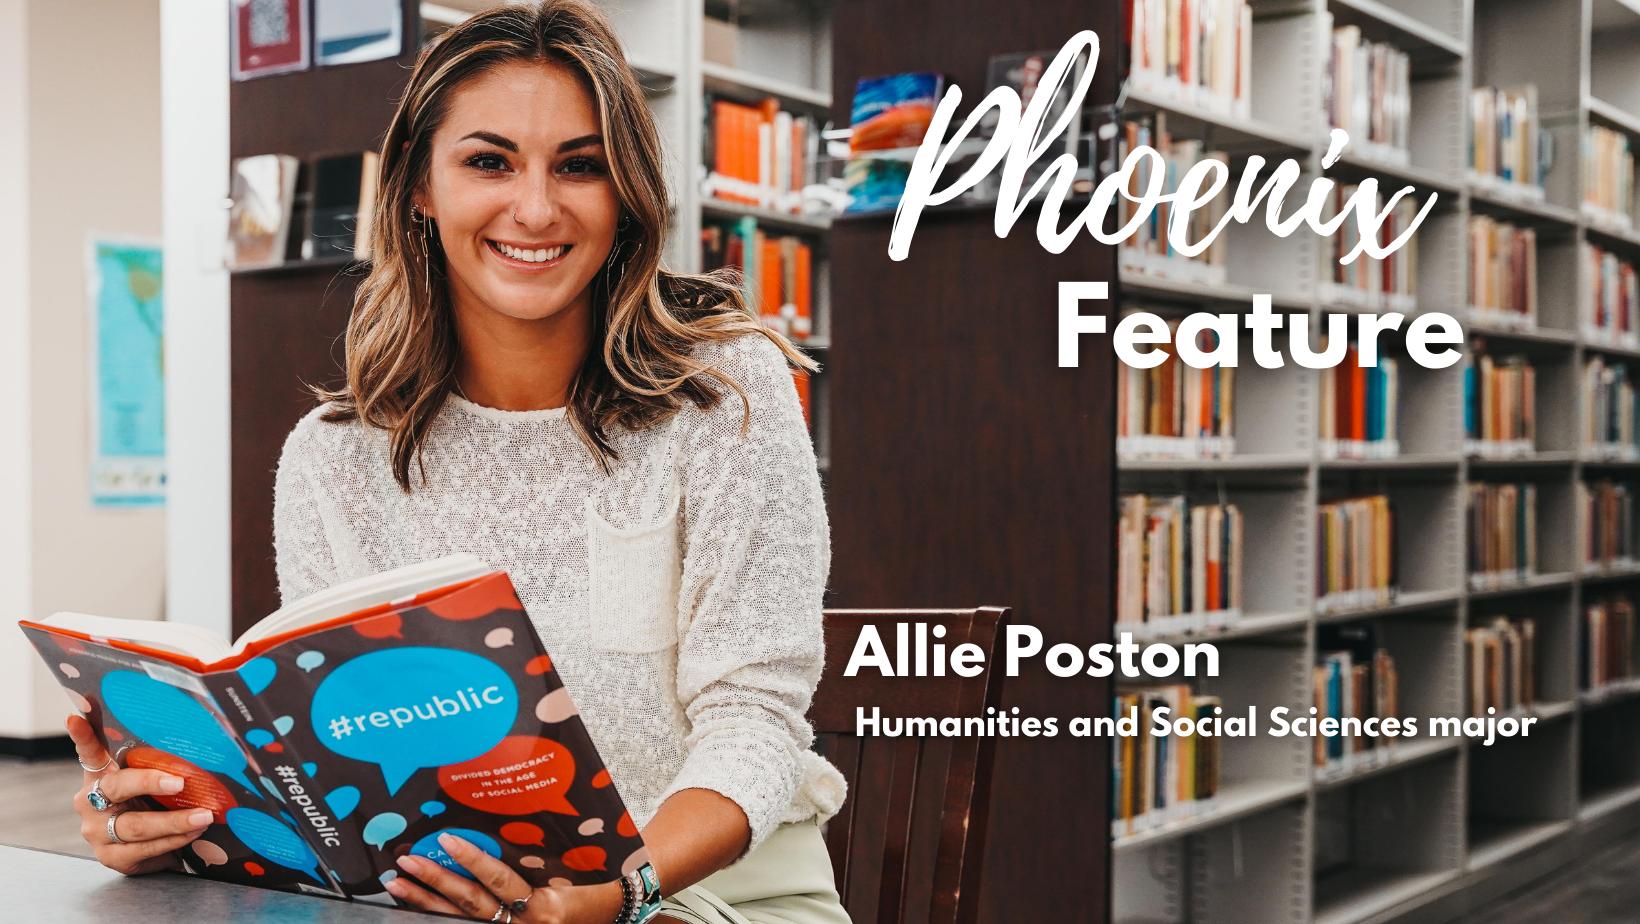 Allie Poston